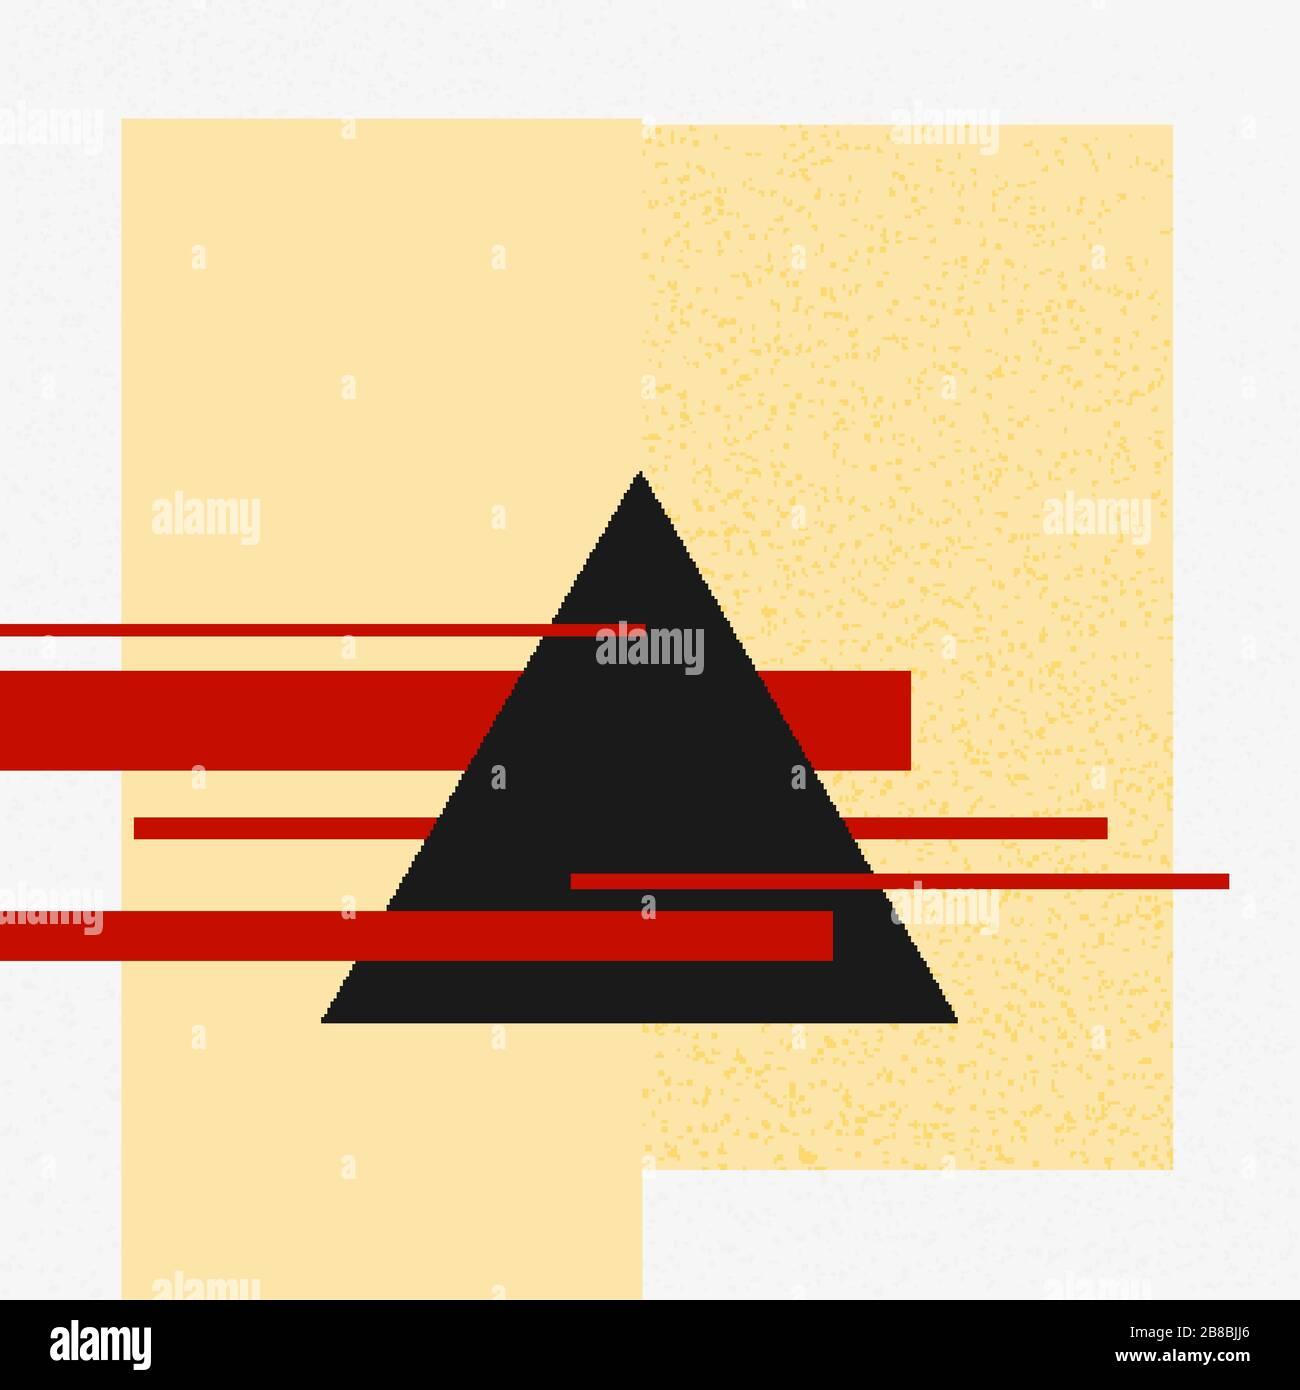 Vektorabstrakte Schwarze Und Rote Formen Konstruktion Kunst Stil Design Geometrische Figuren Schaffen Futuristische Komposition Minimalistisches Modernes Sauberes Poste Stock Vektorgrafik Alamy